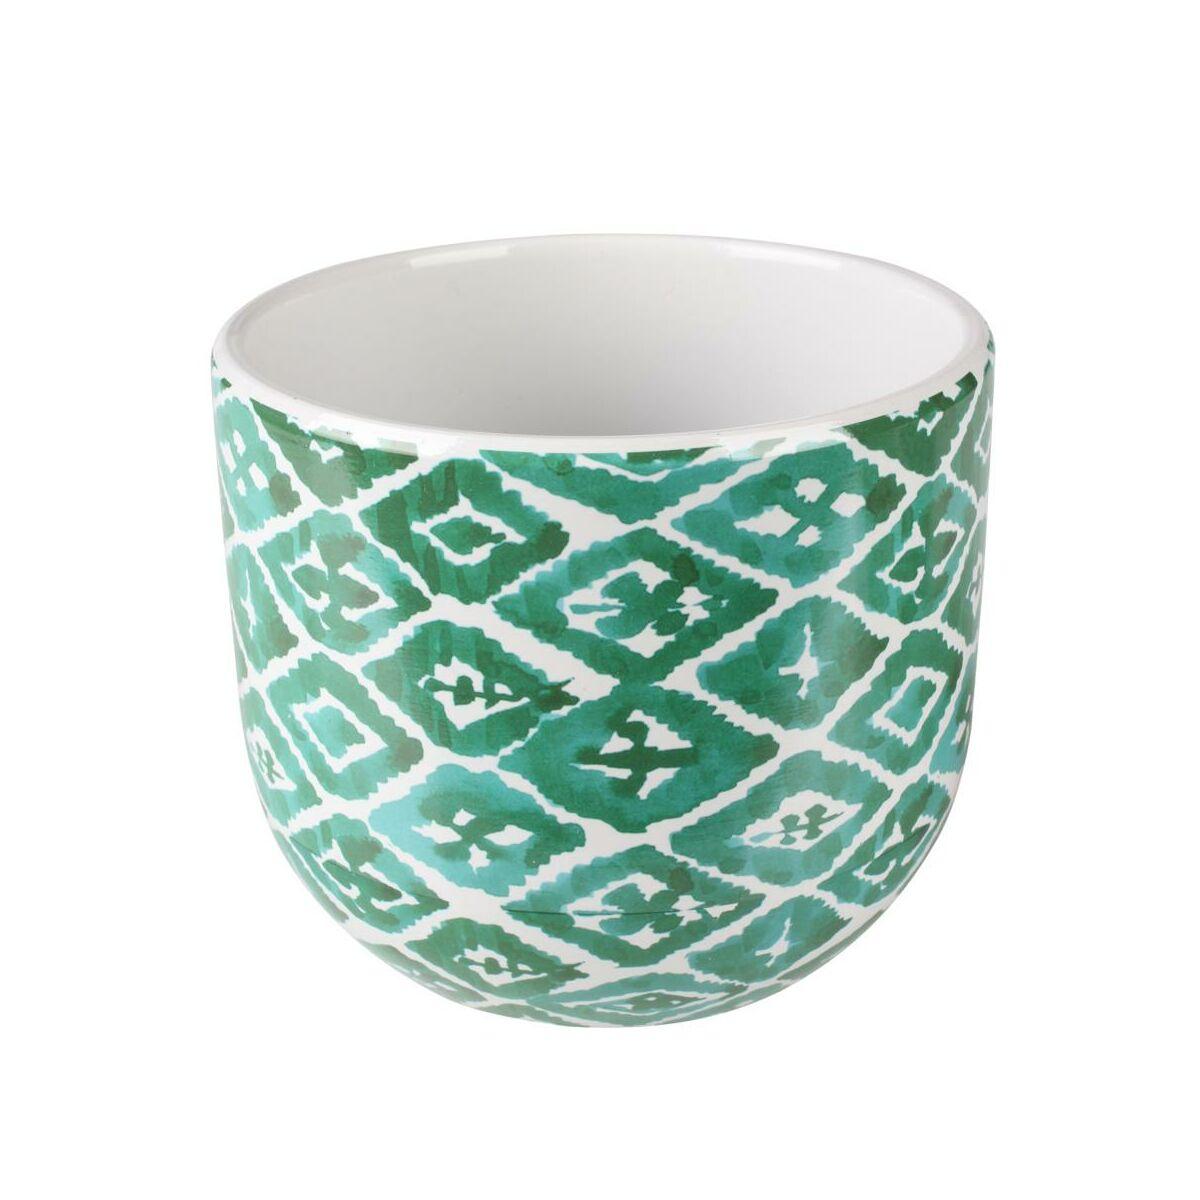 Osłonka Doniczki Ceramiczna 12 Cm Zielono Biała Hakon